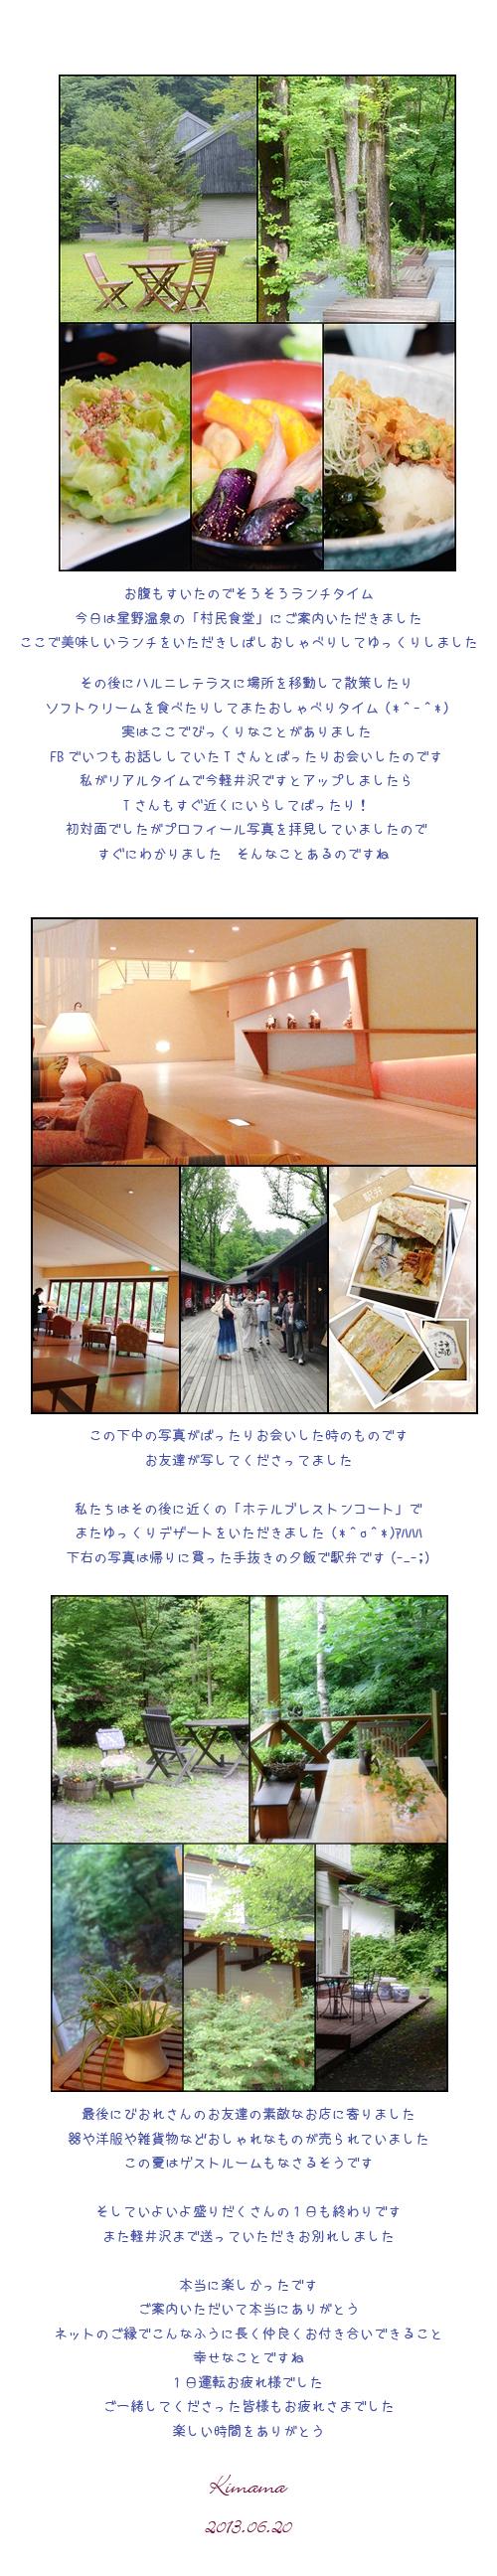 6月22日長野3